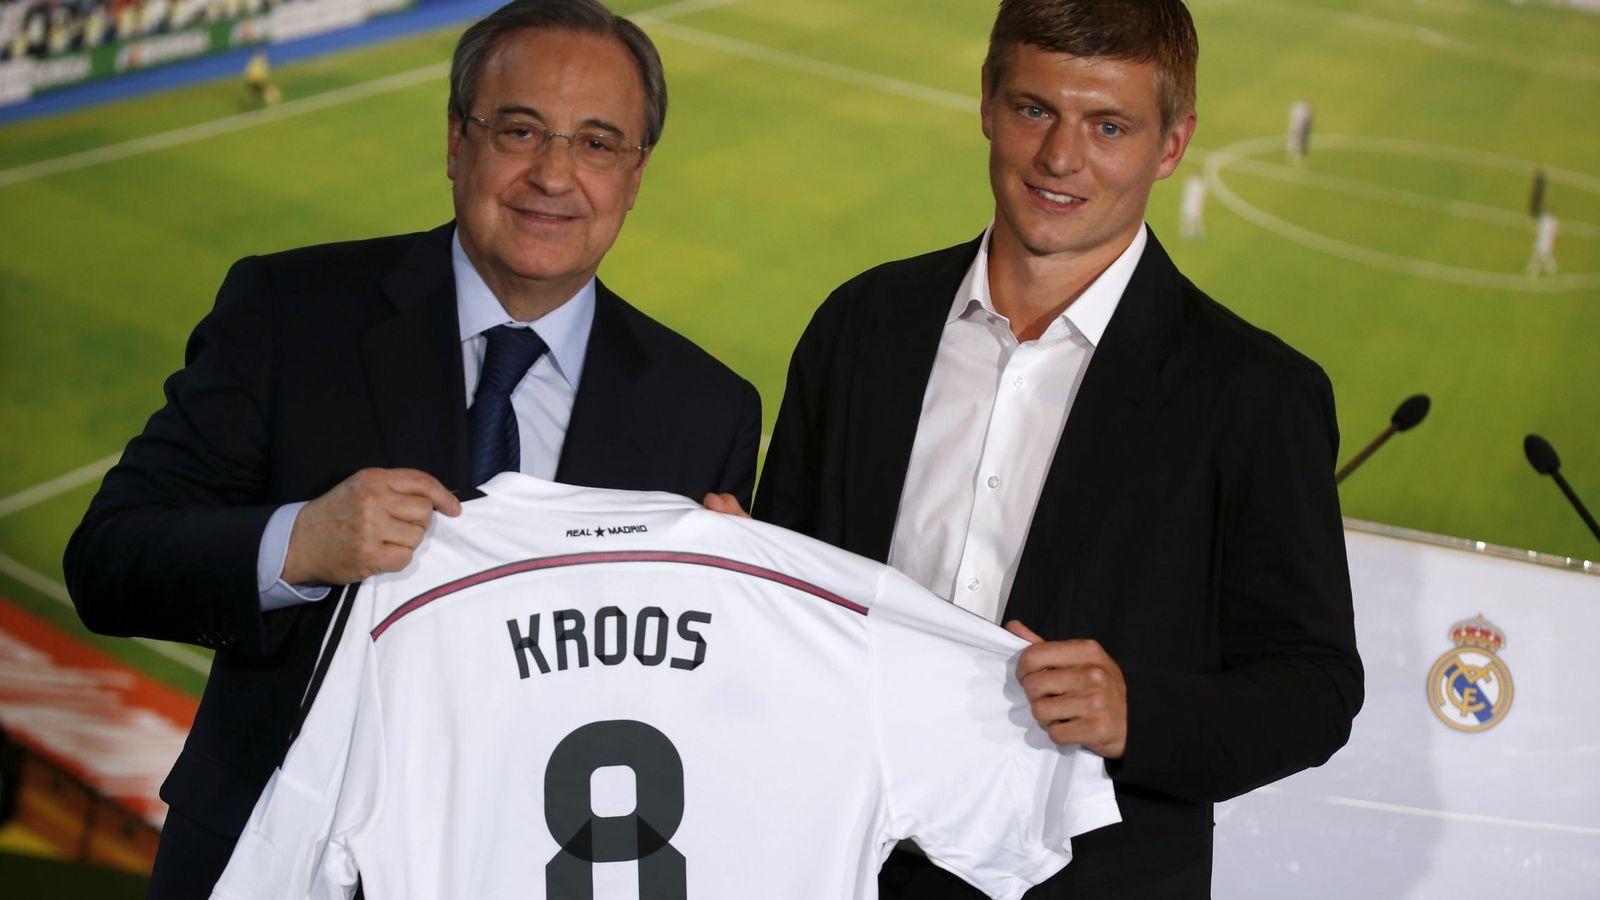 Foto: Florentino Perez y Toni Kroos en la presentación del alemán en julio de 2014 (Andrea Comas/Reuters)